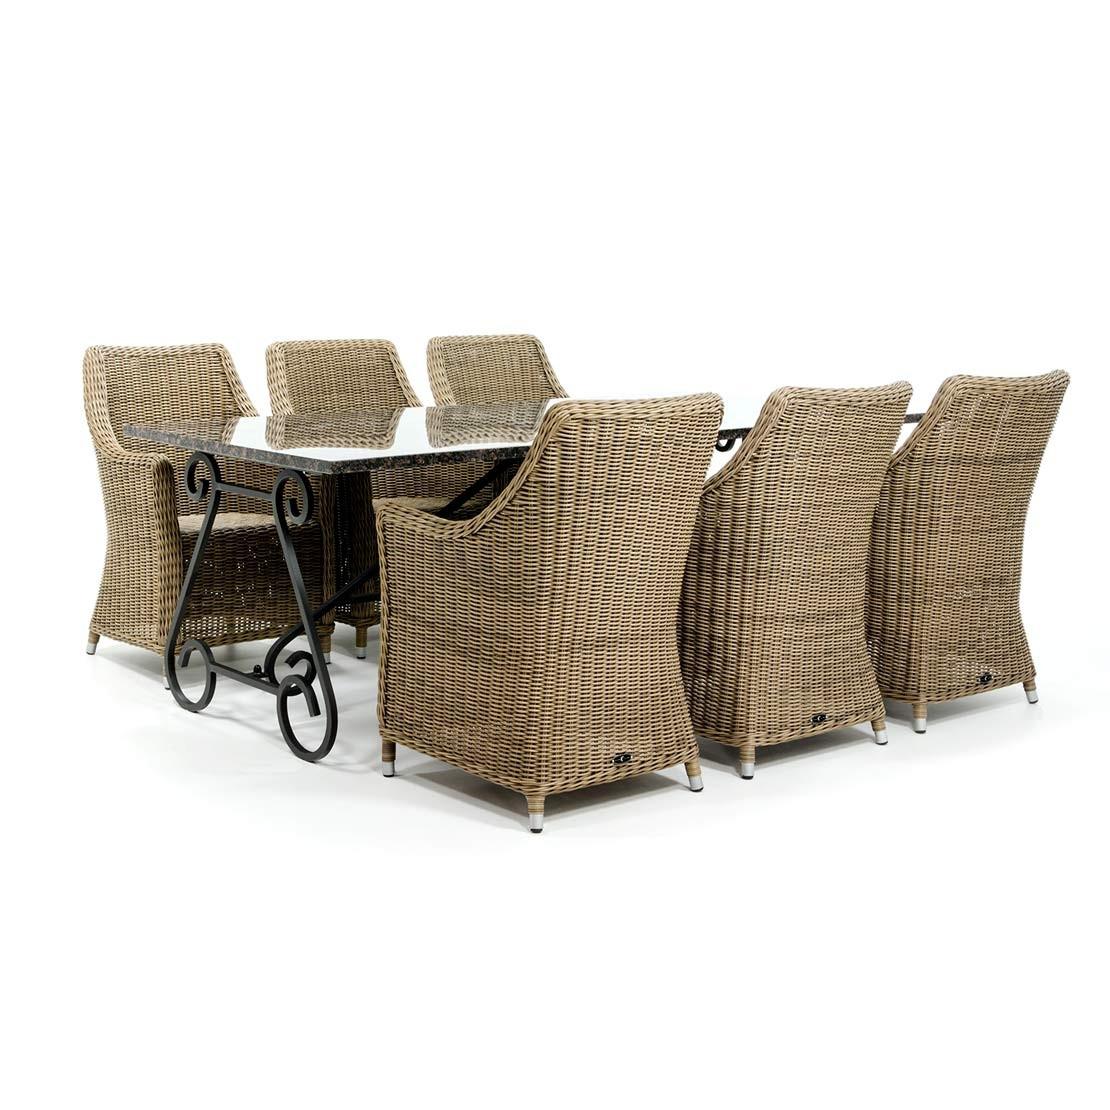 Toulouse tuintafel met vlechtwerk stoelen